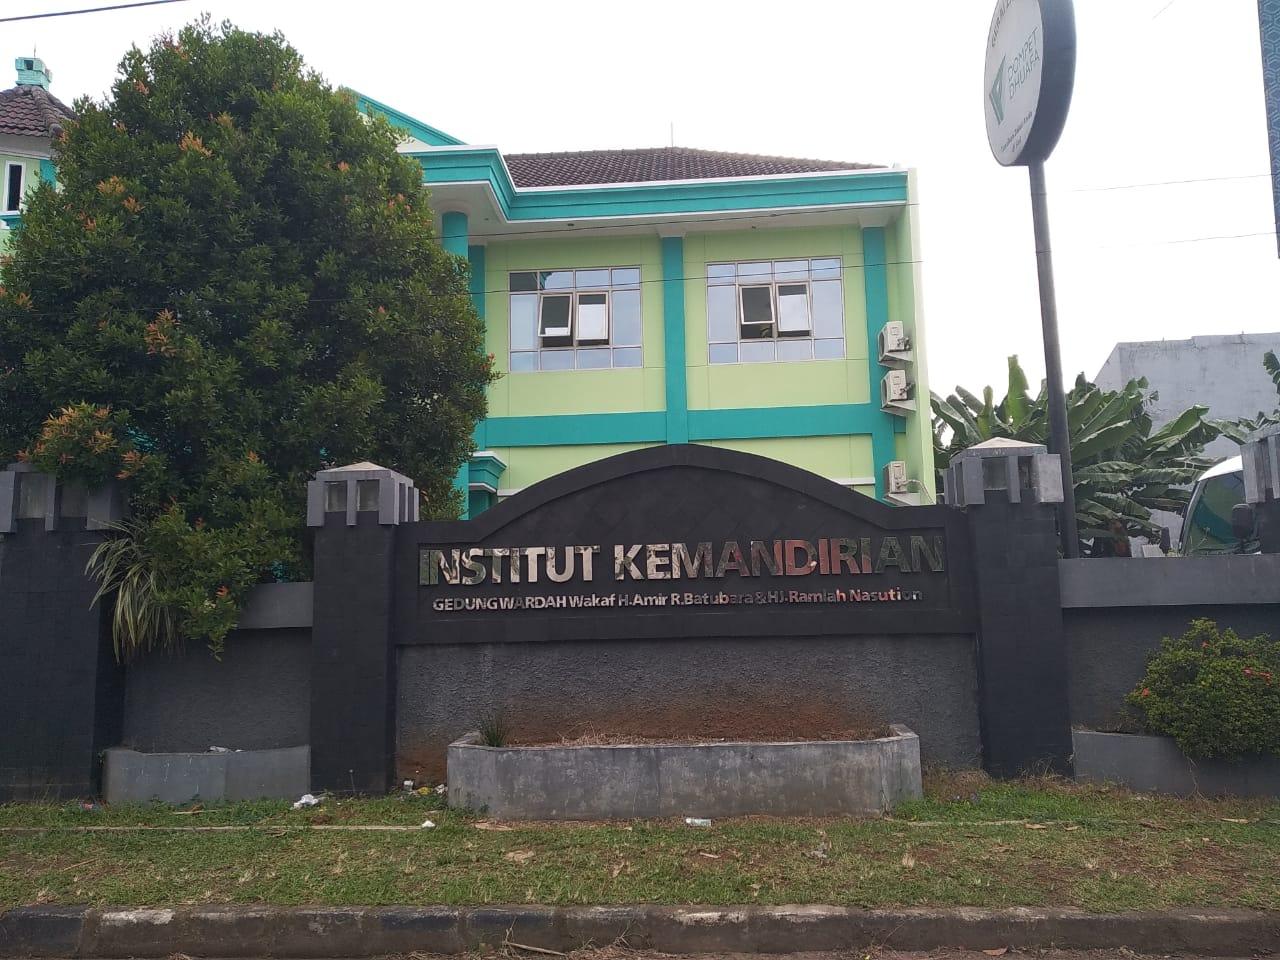 Institut Kemandirian yang berada di Karawaci, Tangerang